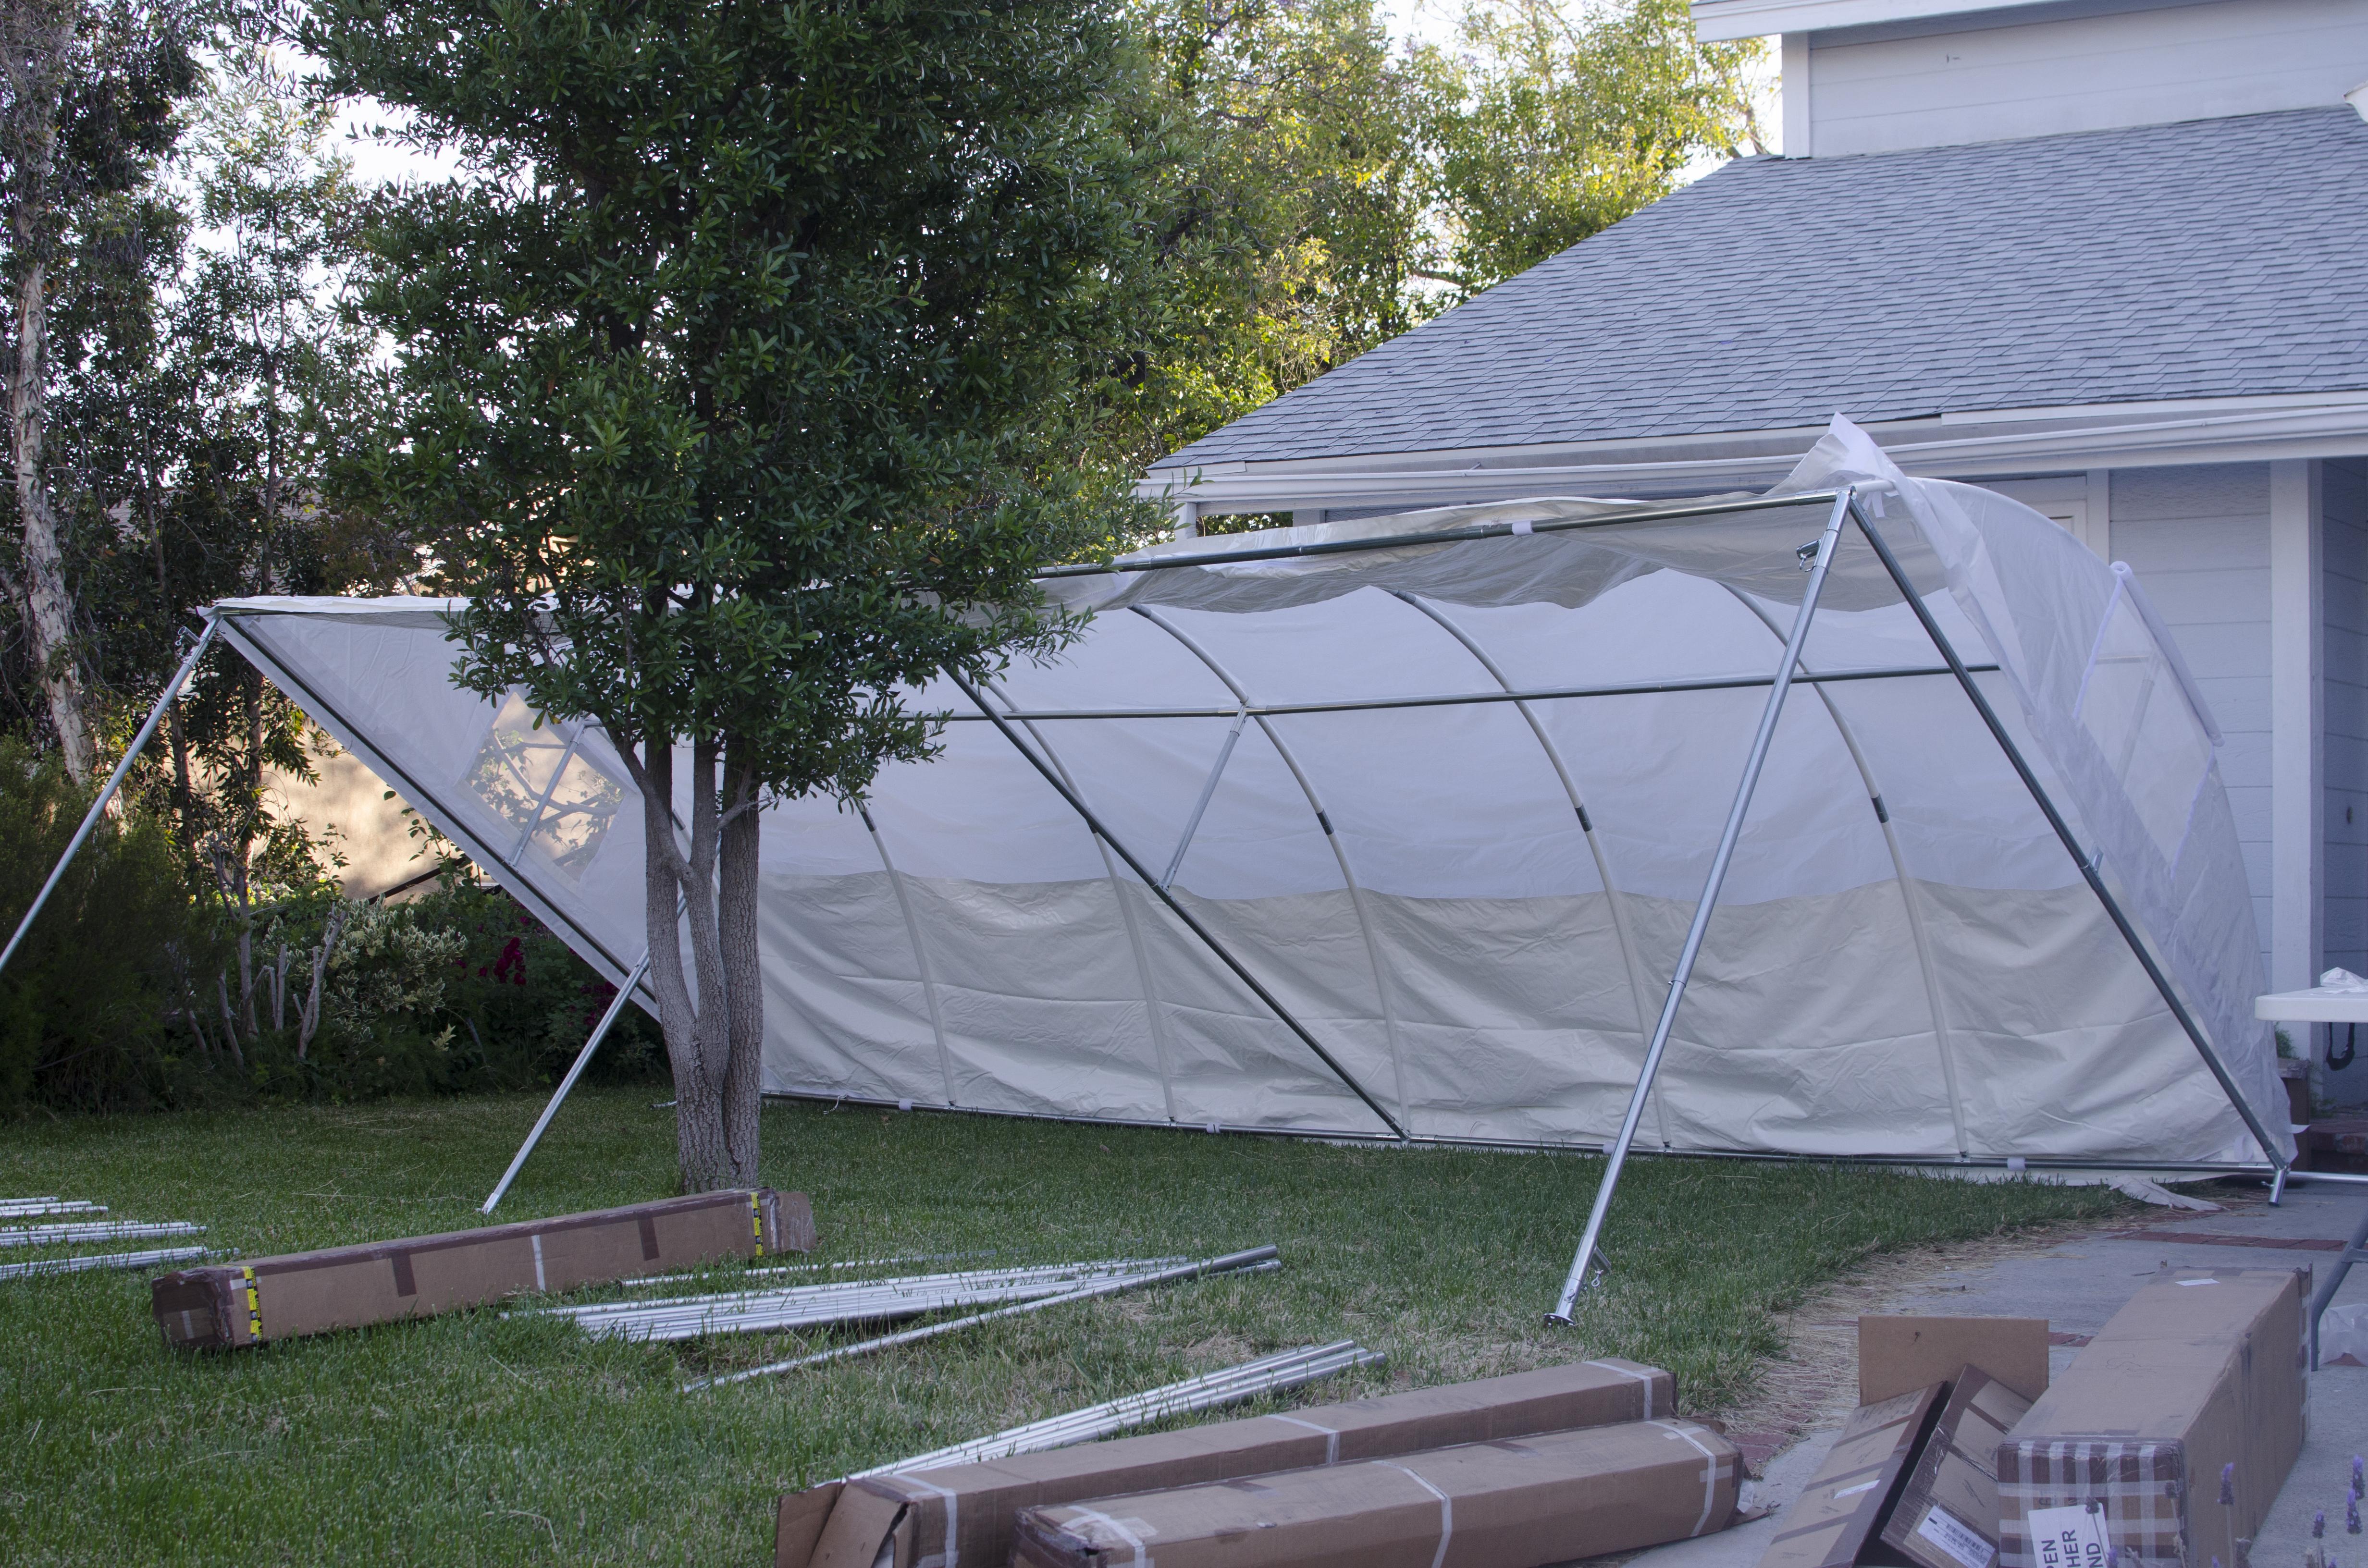 Buying A 10×20 Trimline Canopy by Flourish | MowryJournal.com